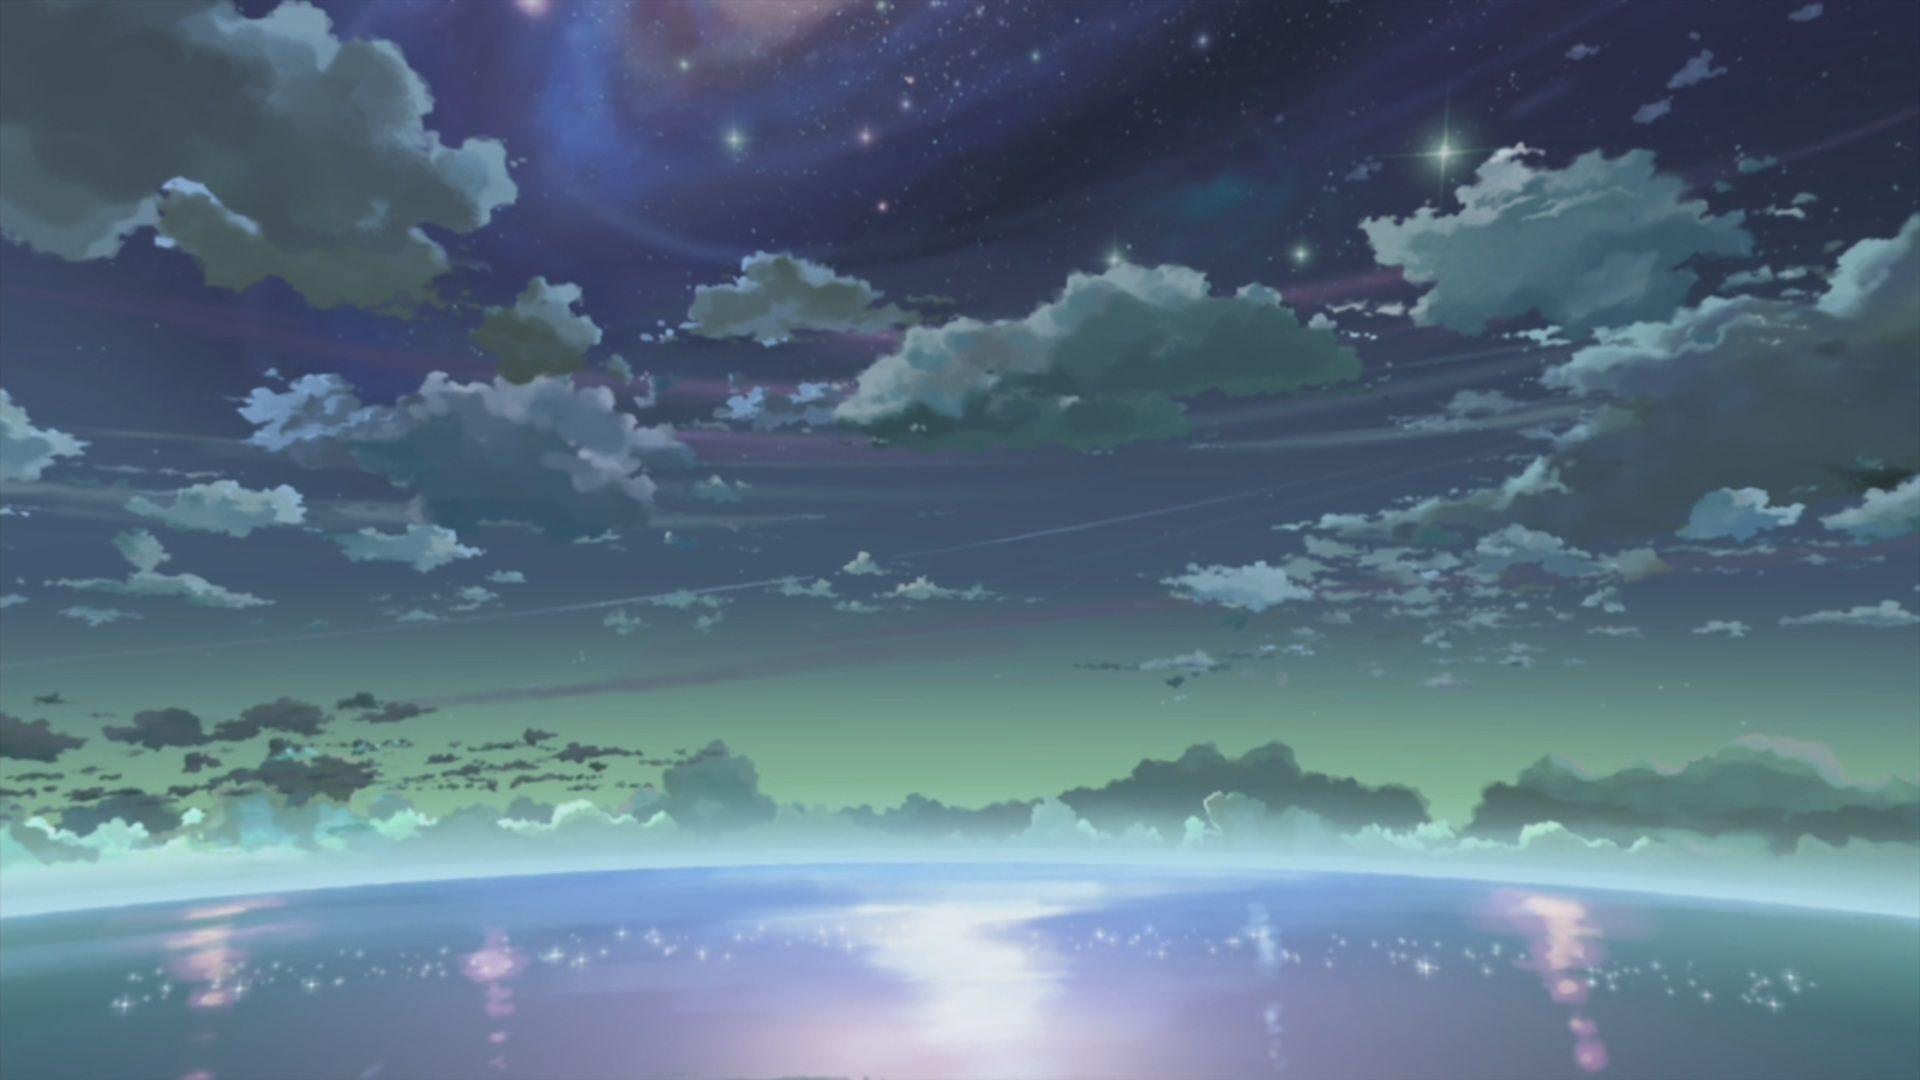 makoto shinkai анимеmakoto shinkai your name, makoto shinkai cross road, makoto shinkai art, makoto shinkai anime, makoto shinkai wallpaper, makoto shinkai аниме, makoto shinkai - crossroad (z-kai), makoto shinkai sky, makoto shinkai twitter, makoto shinkai clouds, makoto shinkai movies, makoto shinkai artbook, makoto shinkai world art, makoto shinkai oscar, makoto shinkai quotes, makoto shinkai style, makoto shinkai animeleri, makoto shinkai music, makoto shinkai mal, makoto shinkai wiki